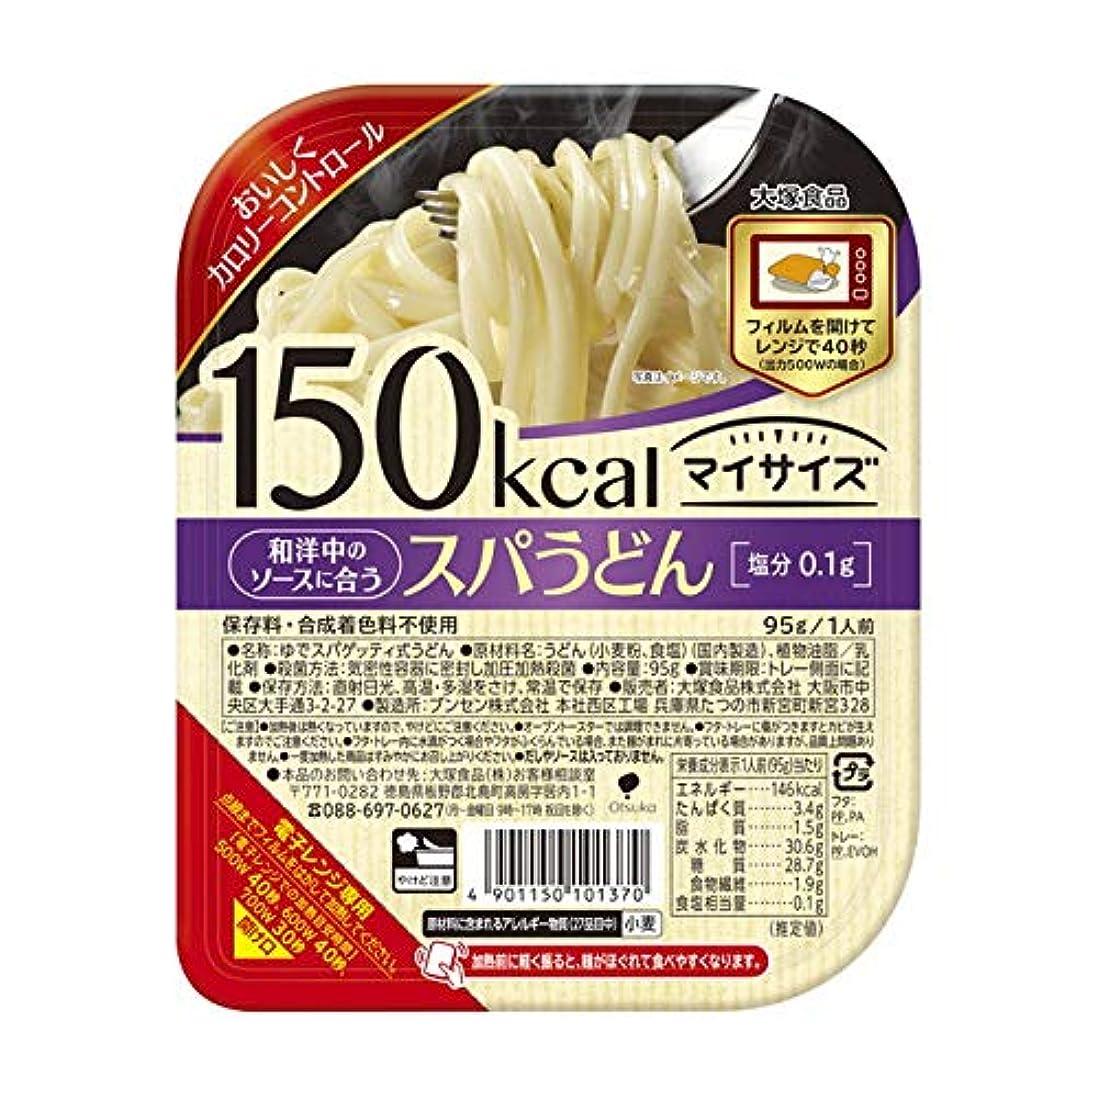 空気色合いなんでも大塚食品 マイサイズ スパうどん 95g【6個セット】